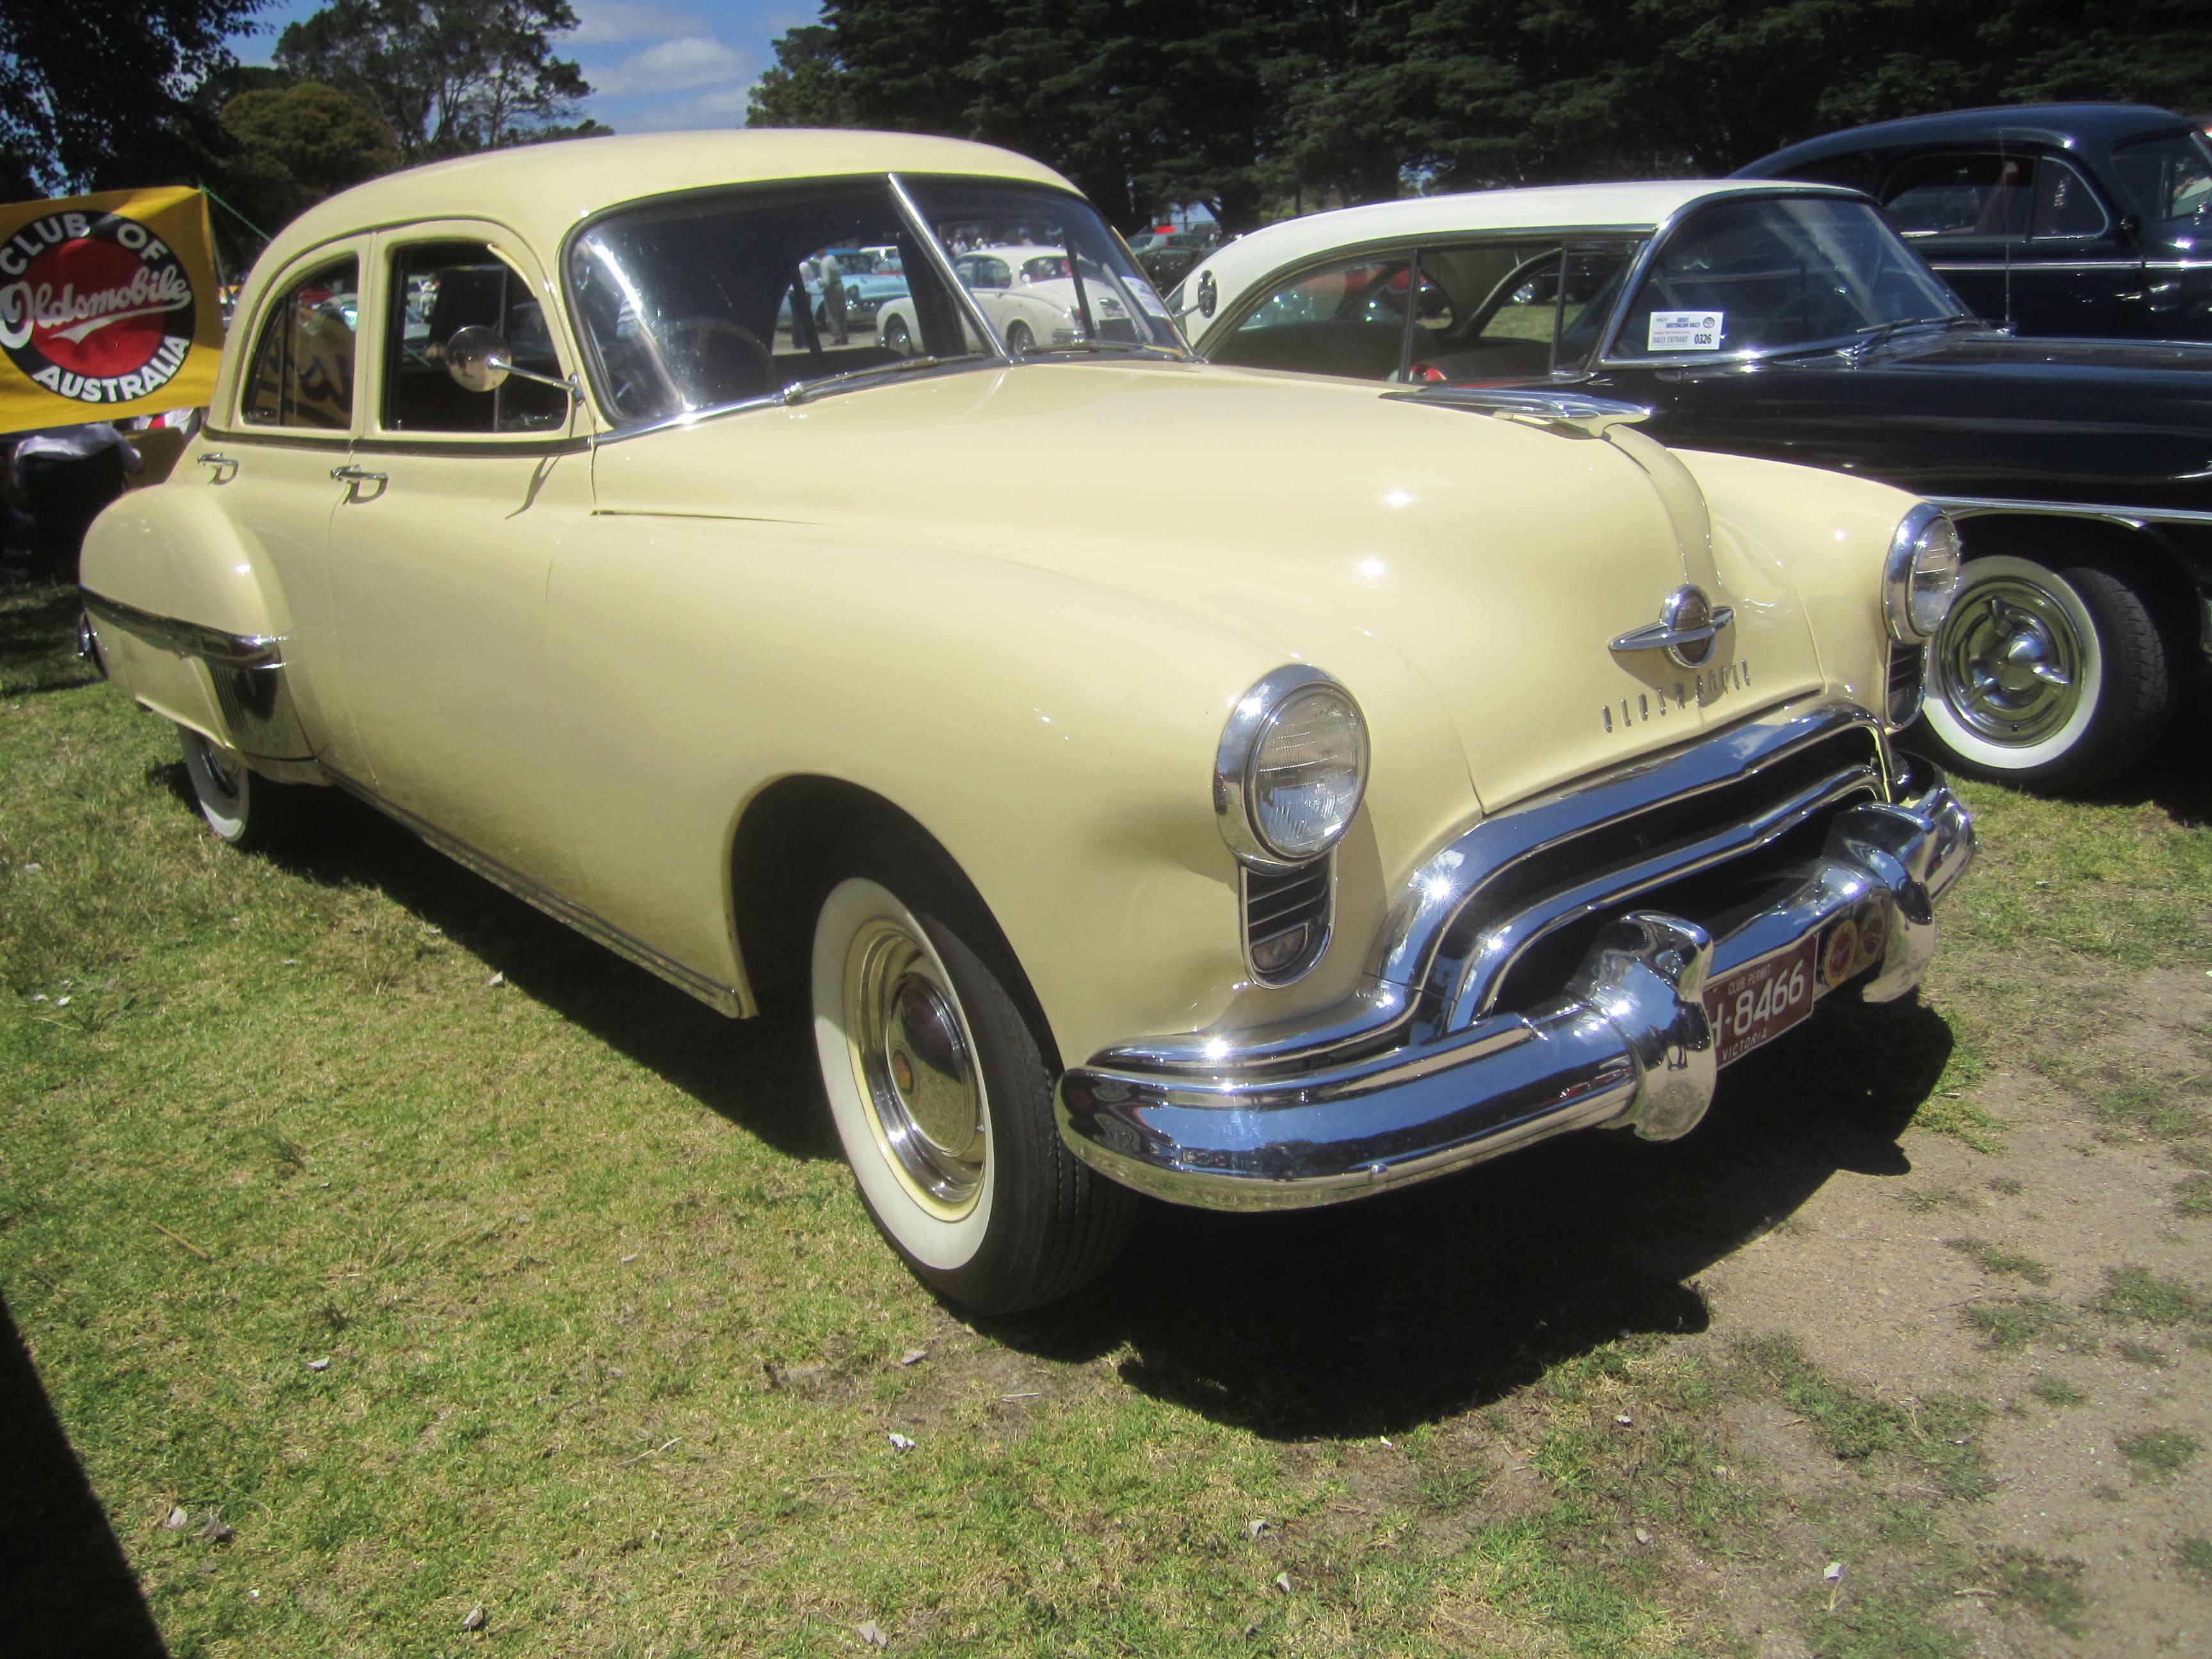 File:1949 Oldsmobile 88 4-door sedan.jpg